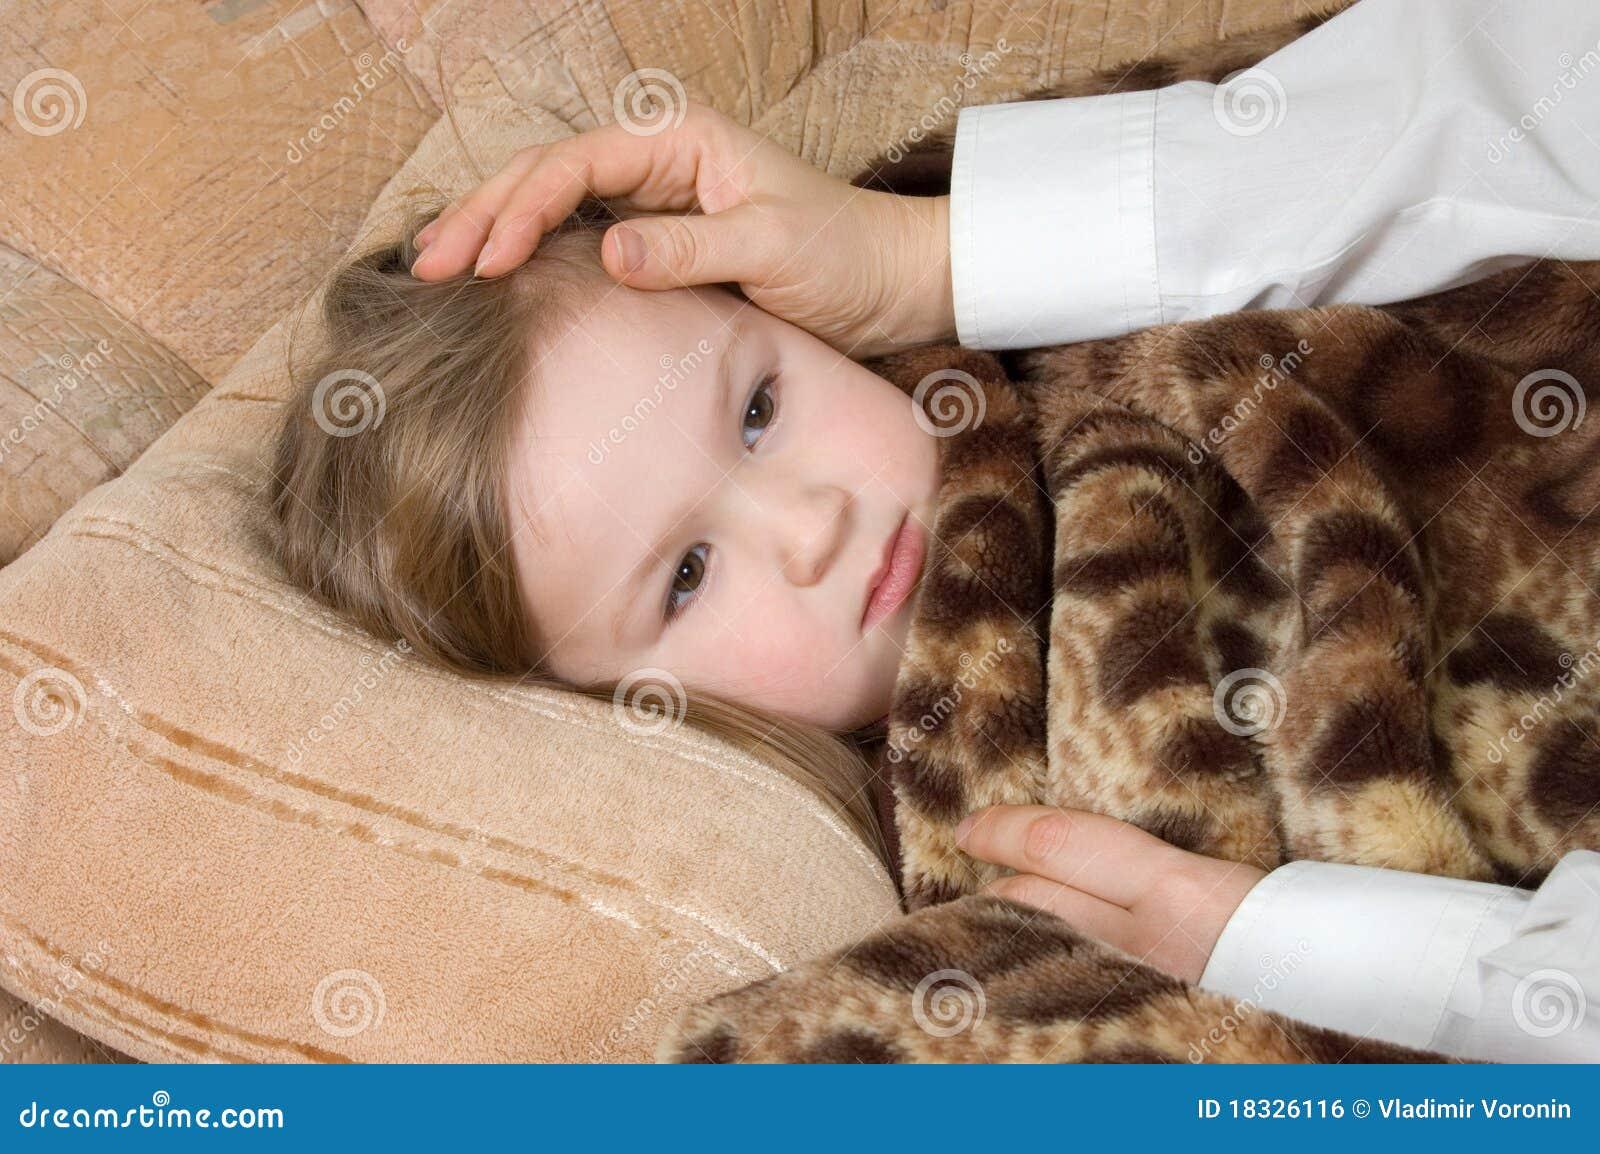 Фото маленькая девочка в сперме фото 6 фотография